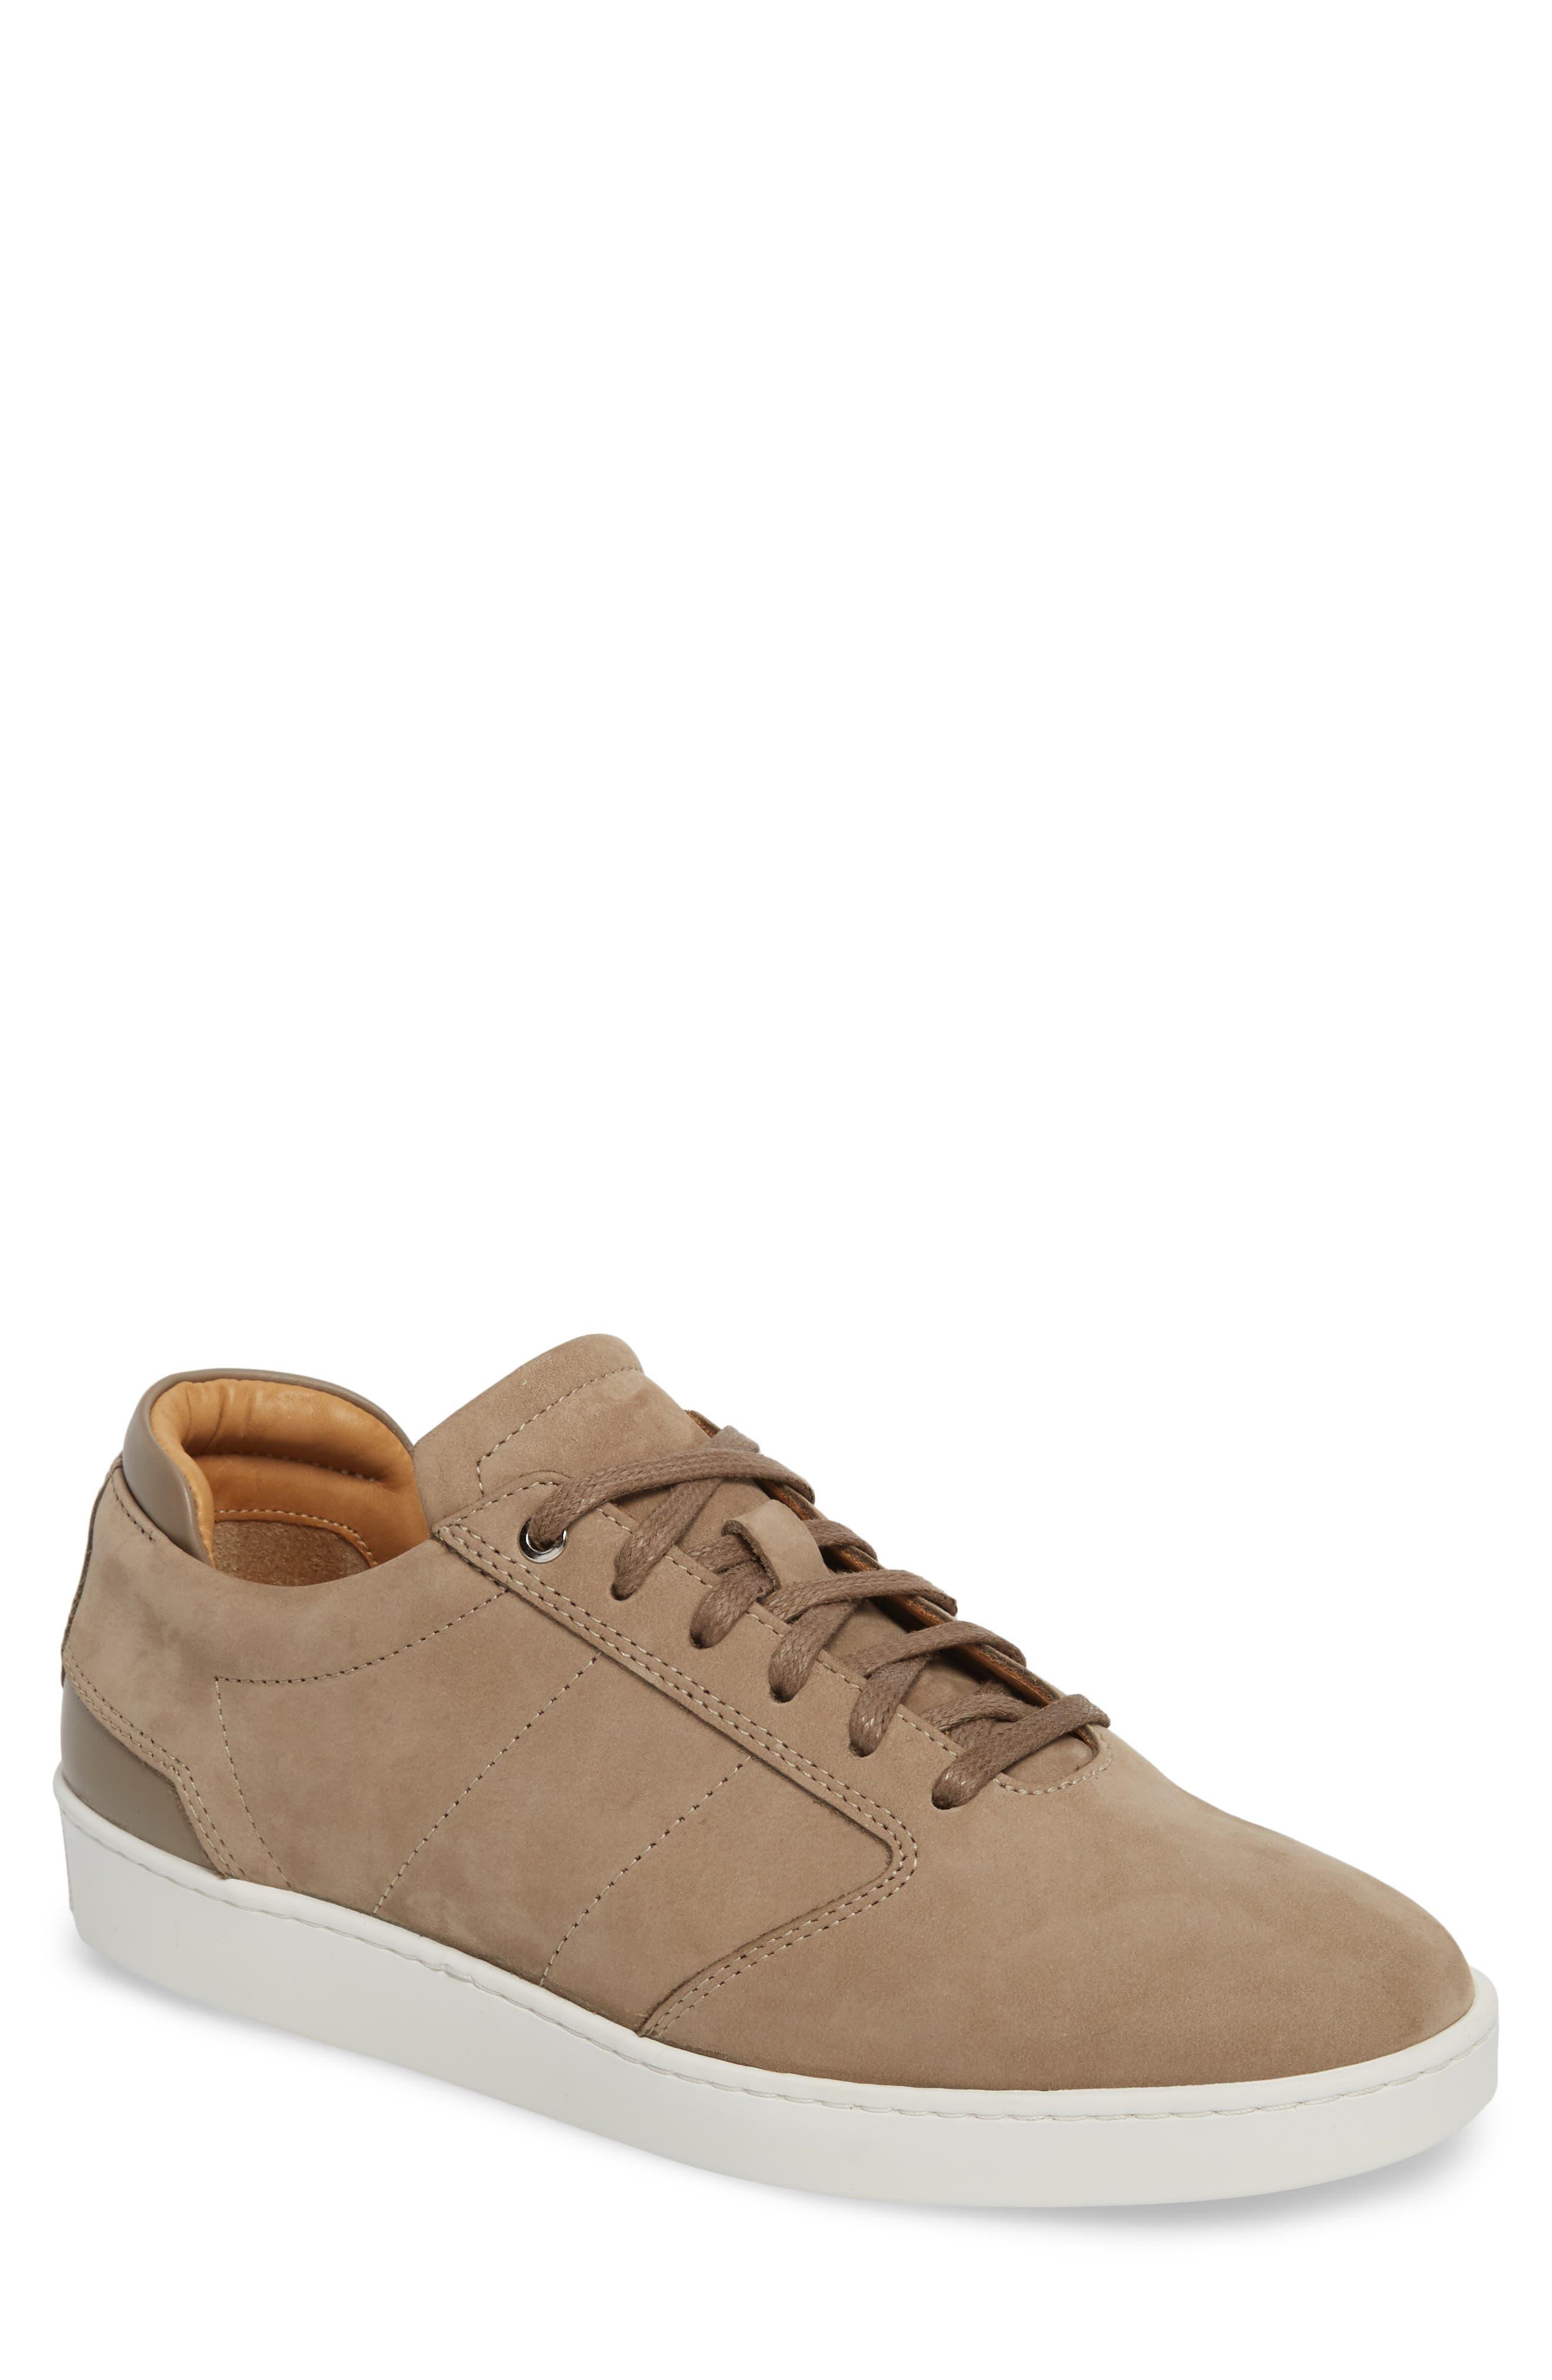 Lennon Sneaker,                         Main,                         color, 205